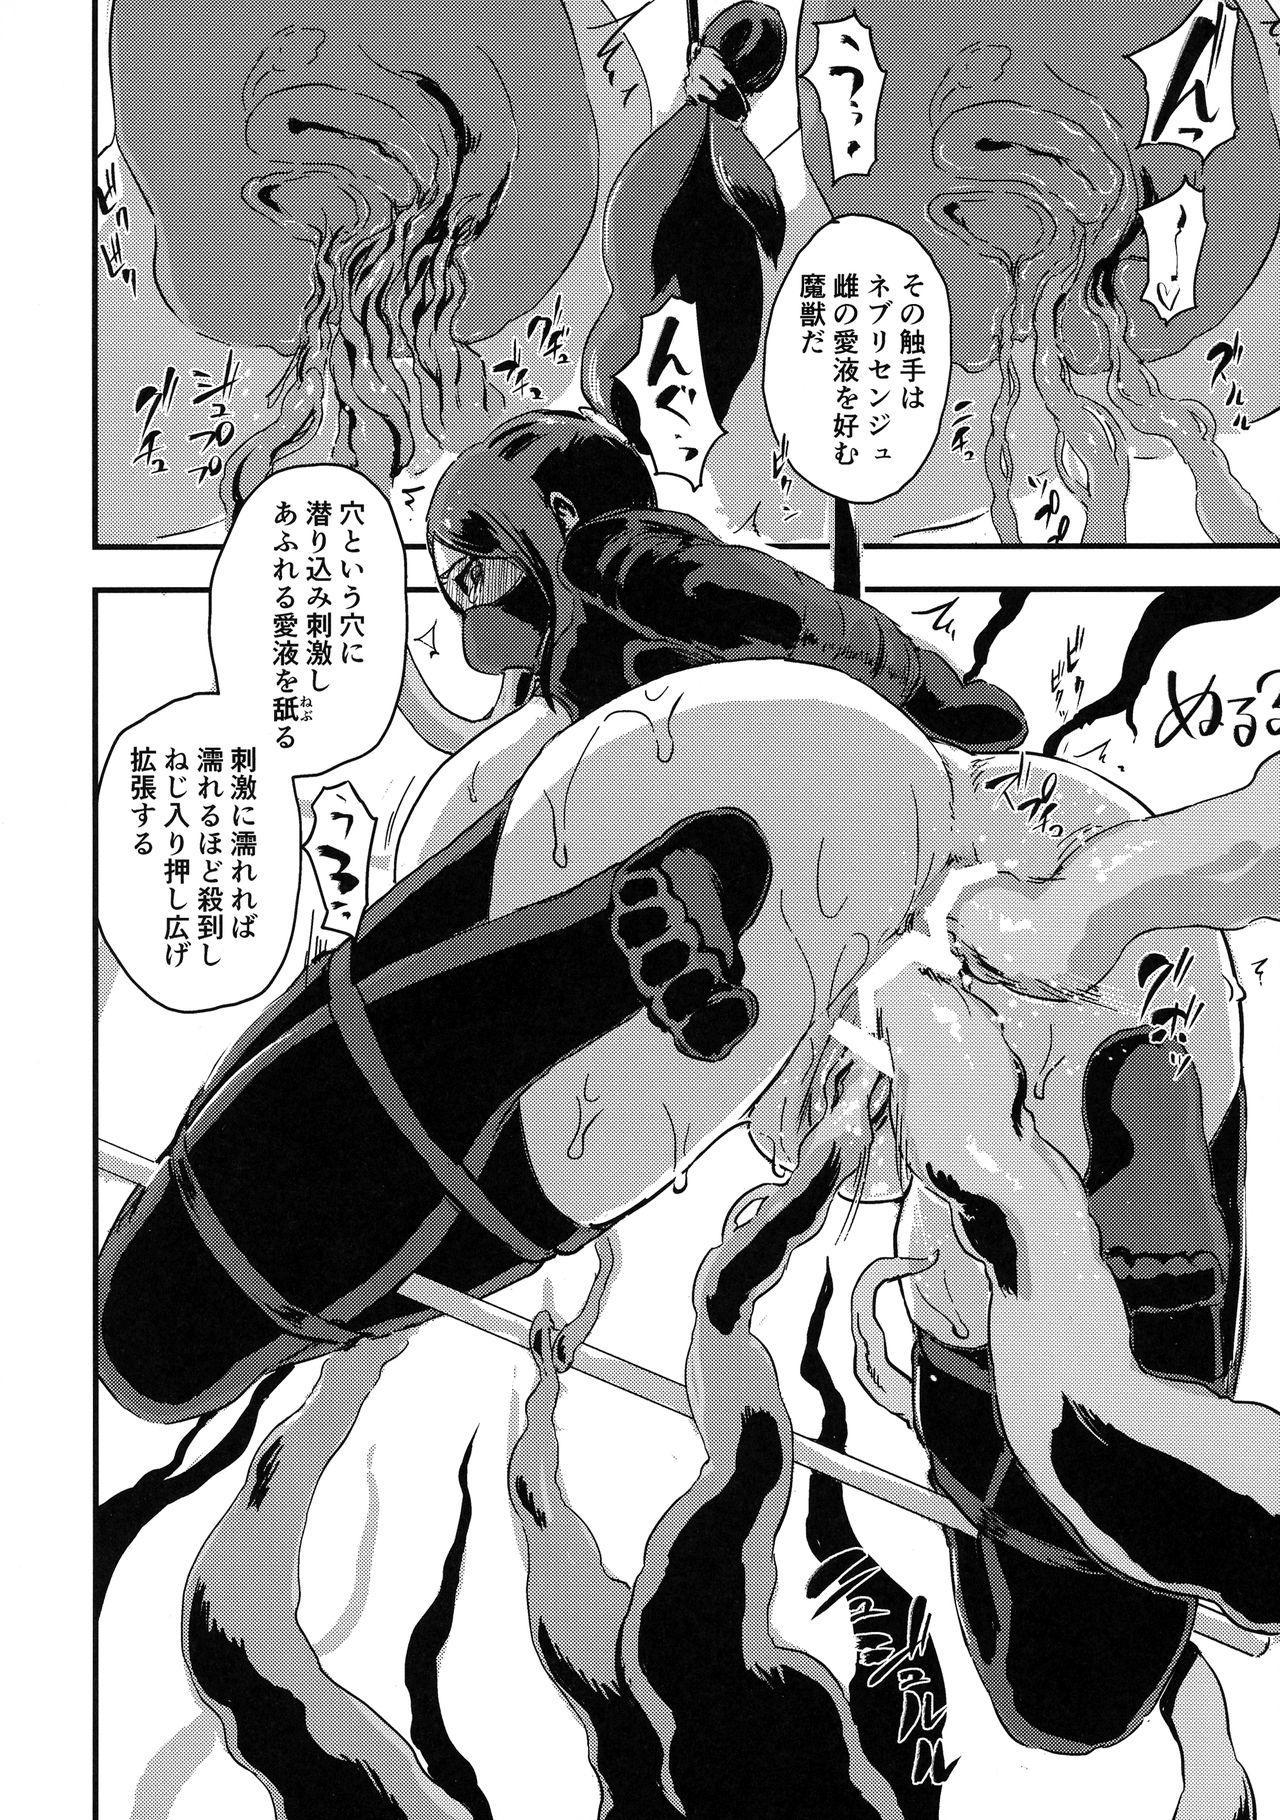 Majuu Teikoku Hishi-chuu Otto no Tame ni Kairaku Goumon ni Taeru Boukoku no Ouhi 5